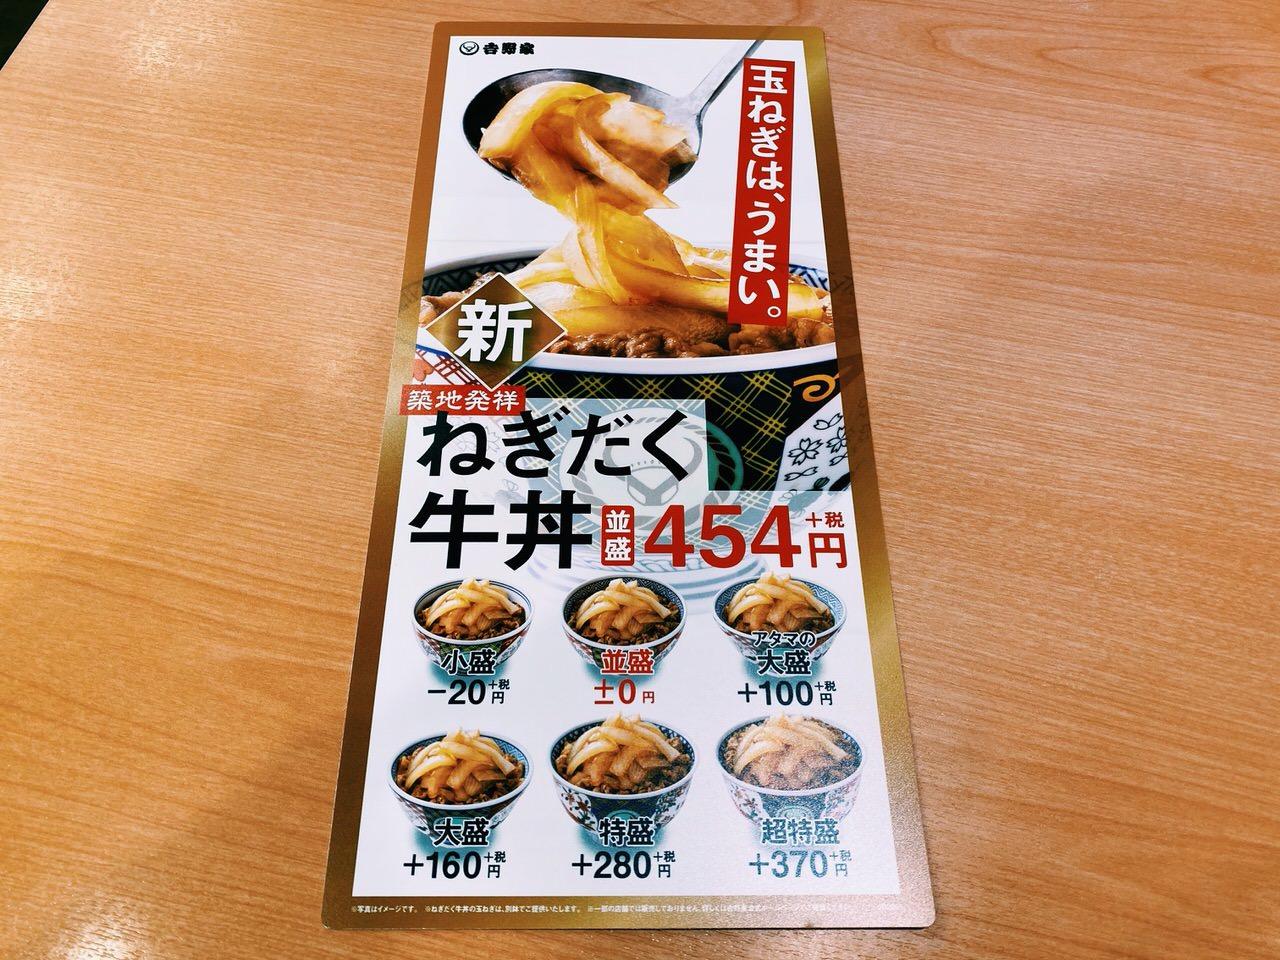 【吉野家】「ねぎだく牛丼」1